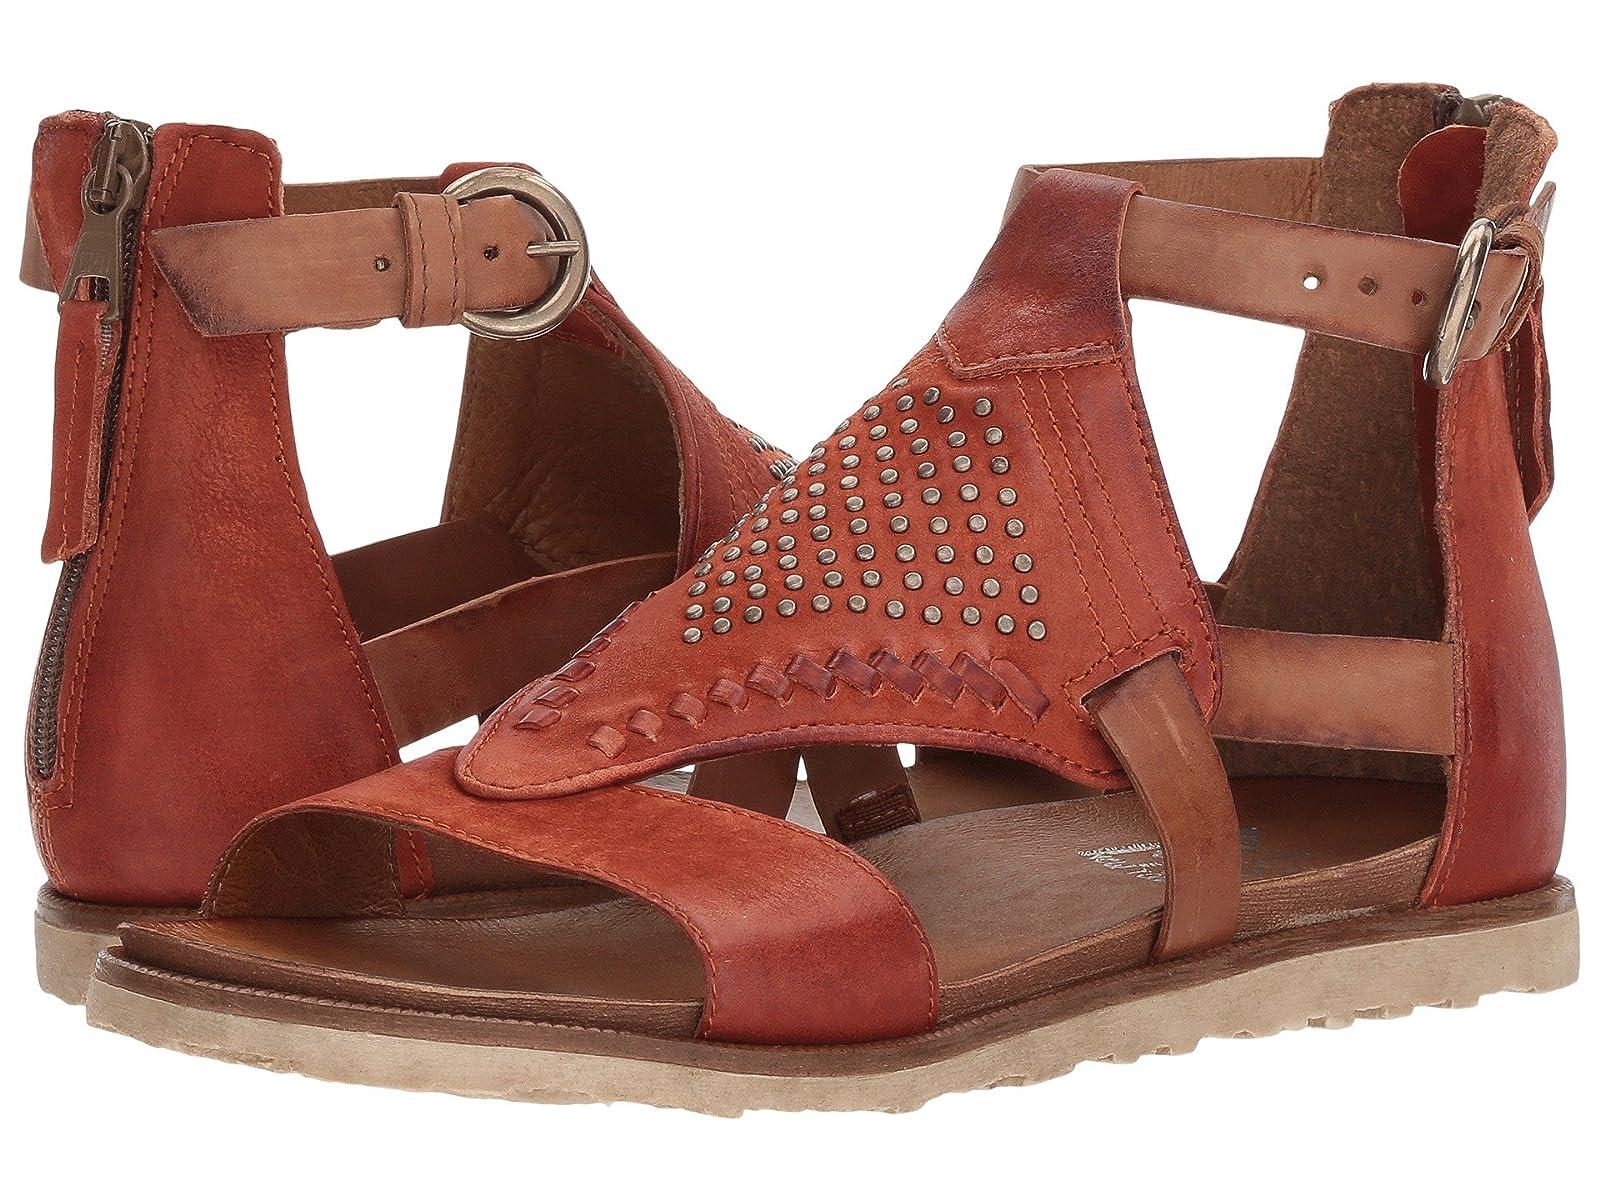 Miz Mooz TessaAtmospheric grades have affordable shoes